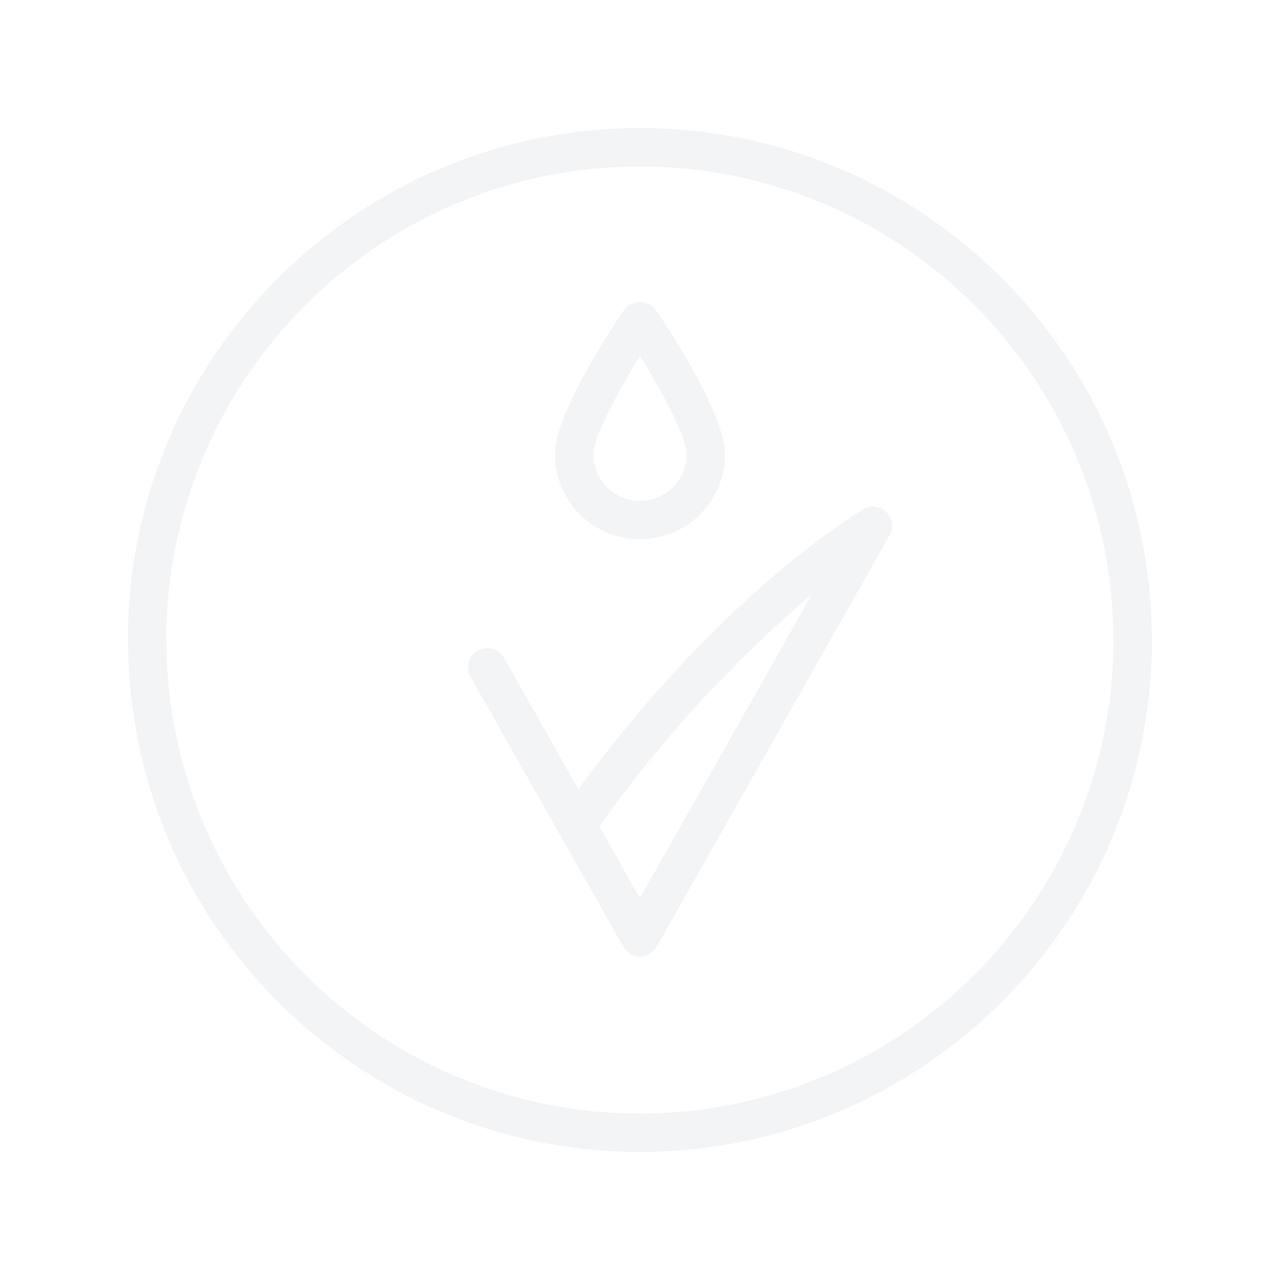 WELLA PROFESSIONALS Invigo Color Brilliance Shampoo (Fine/Normal Hair) 50ml